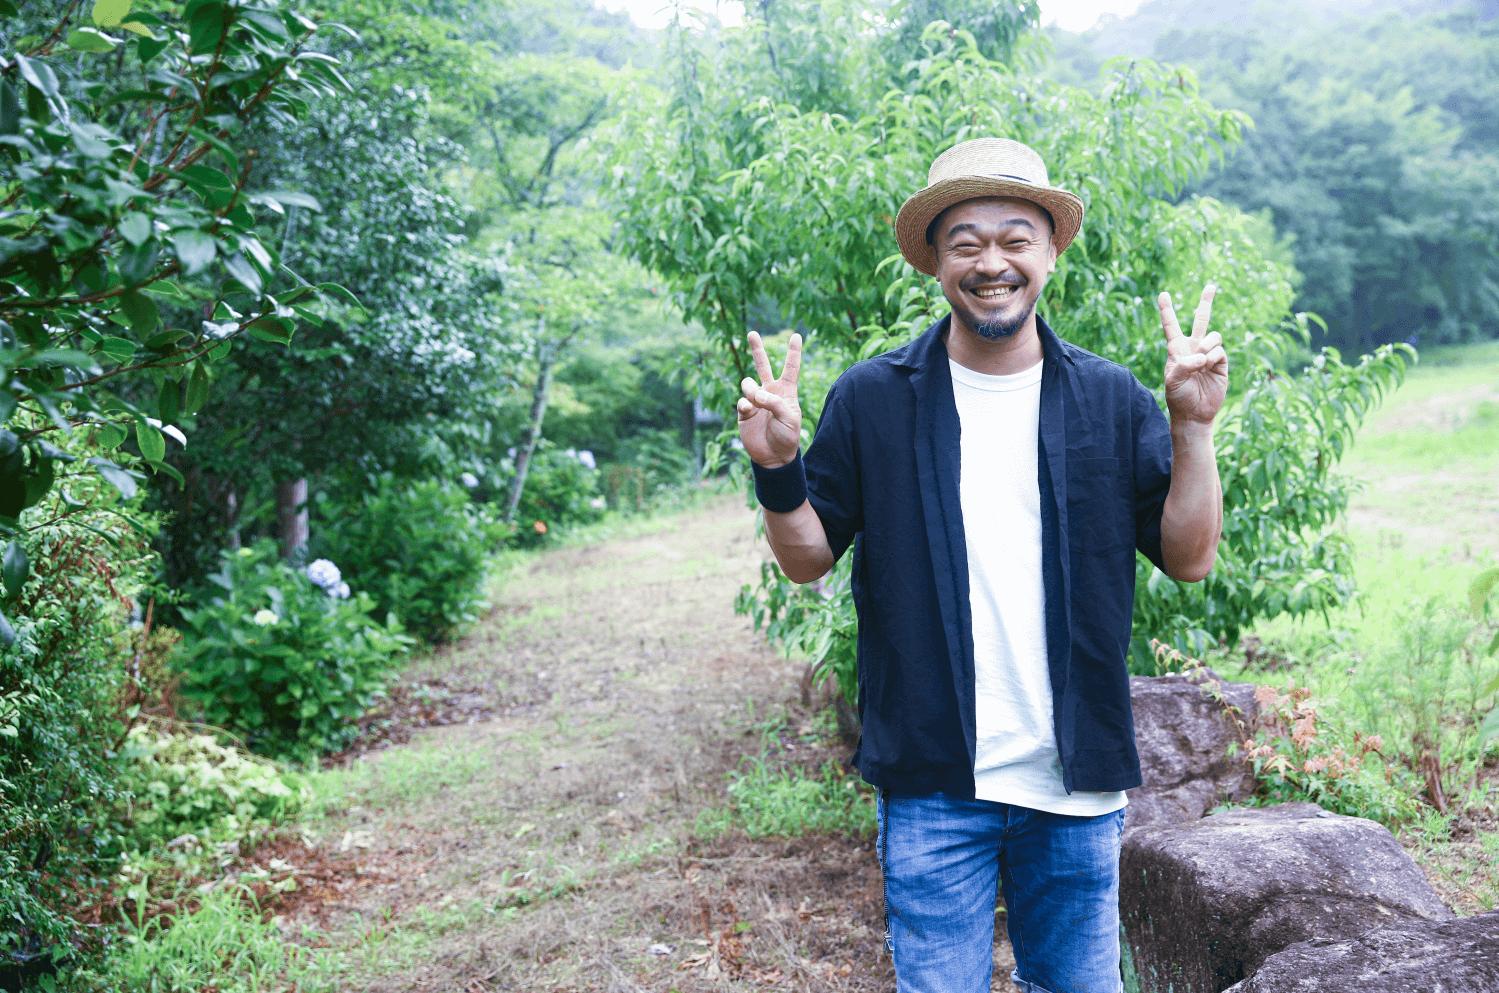 竹原ピストル、タイアップソング2曲同時配信リリース「サンサーラ」の映像も公開サムネイル画像